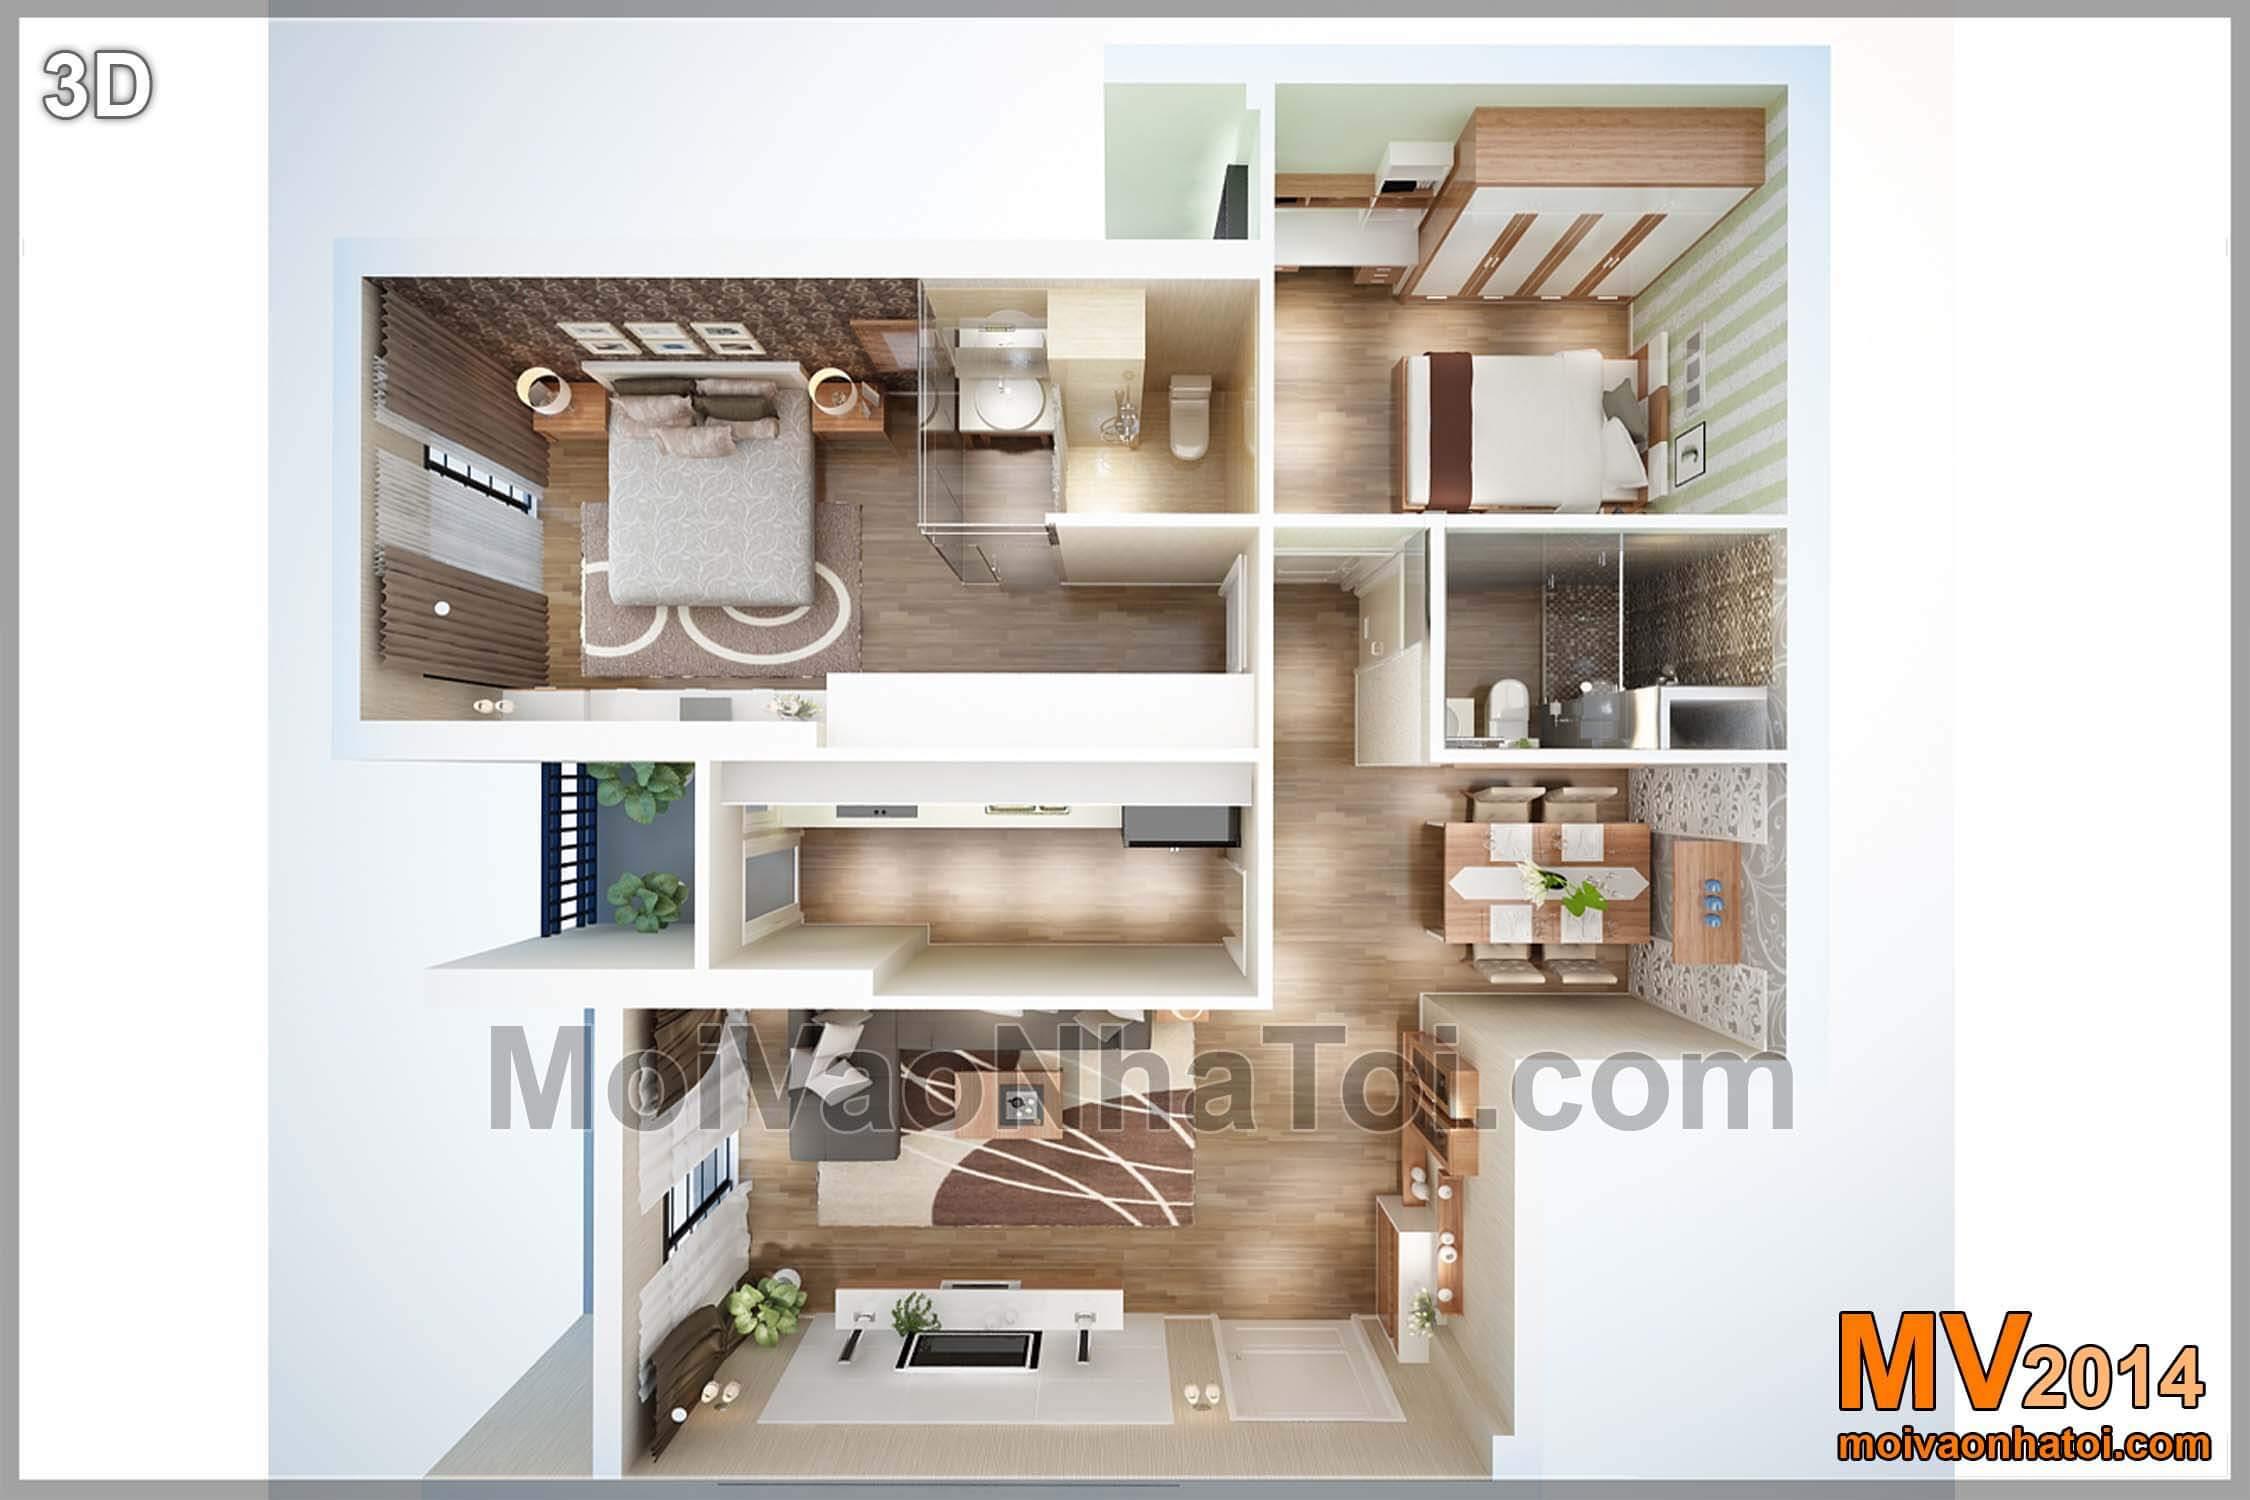 Thiết kế 3D tổng thể cả căn hộ